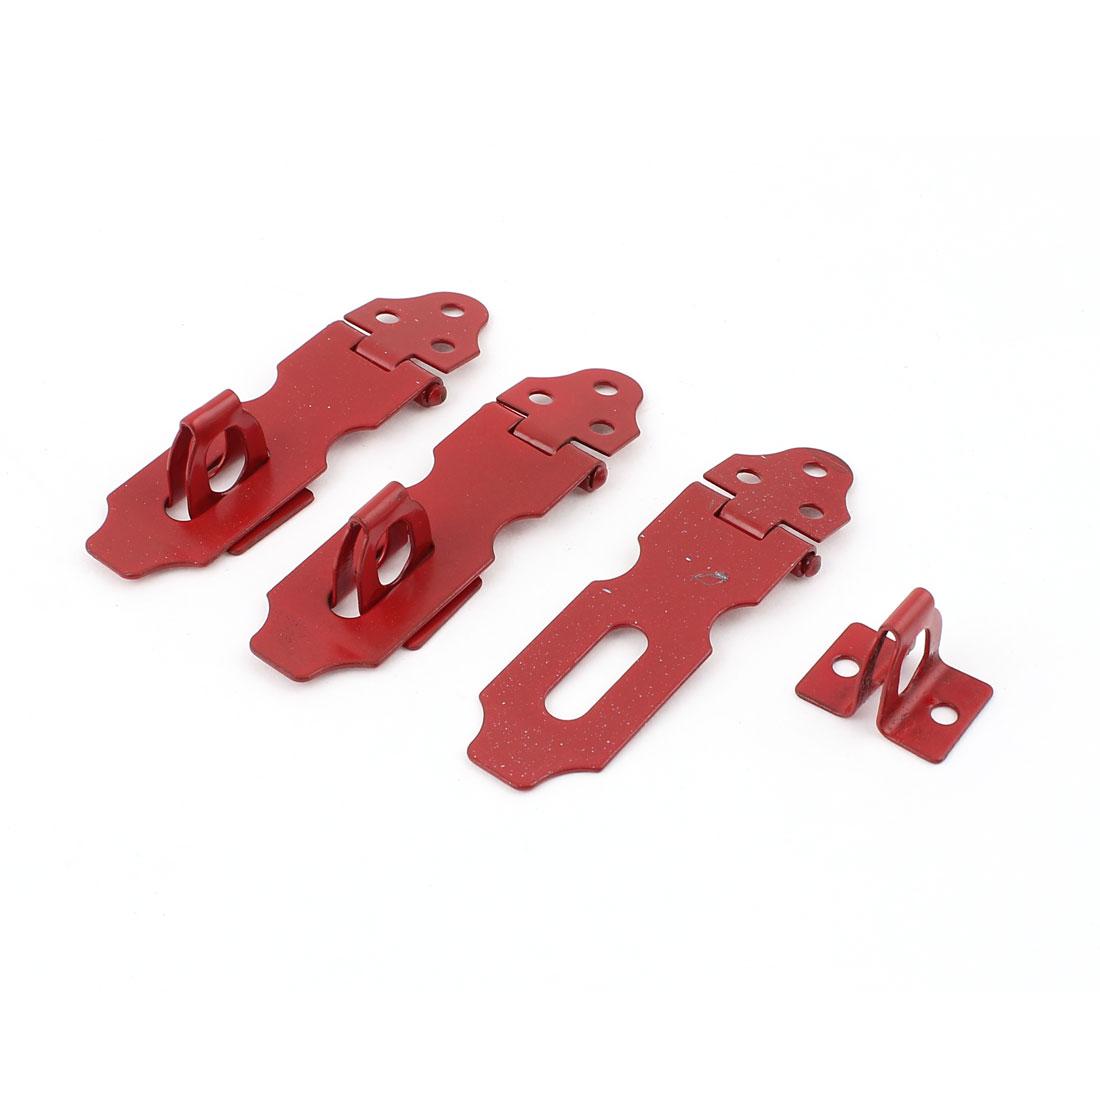 """Cabinets Cupboard Metal Security Padlock Door Clasp Hasp Staple 2.5"""" Red 3 Pcs"""